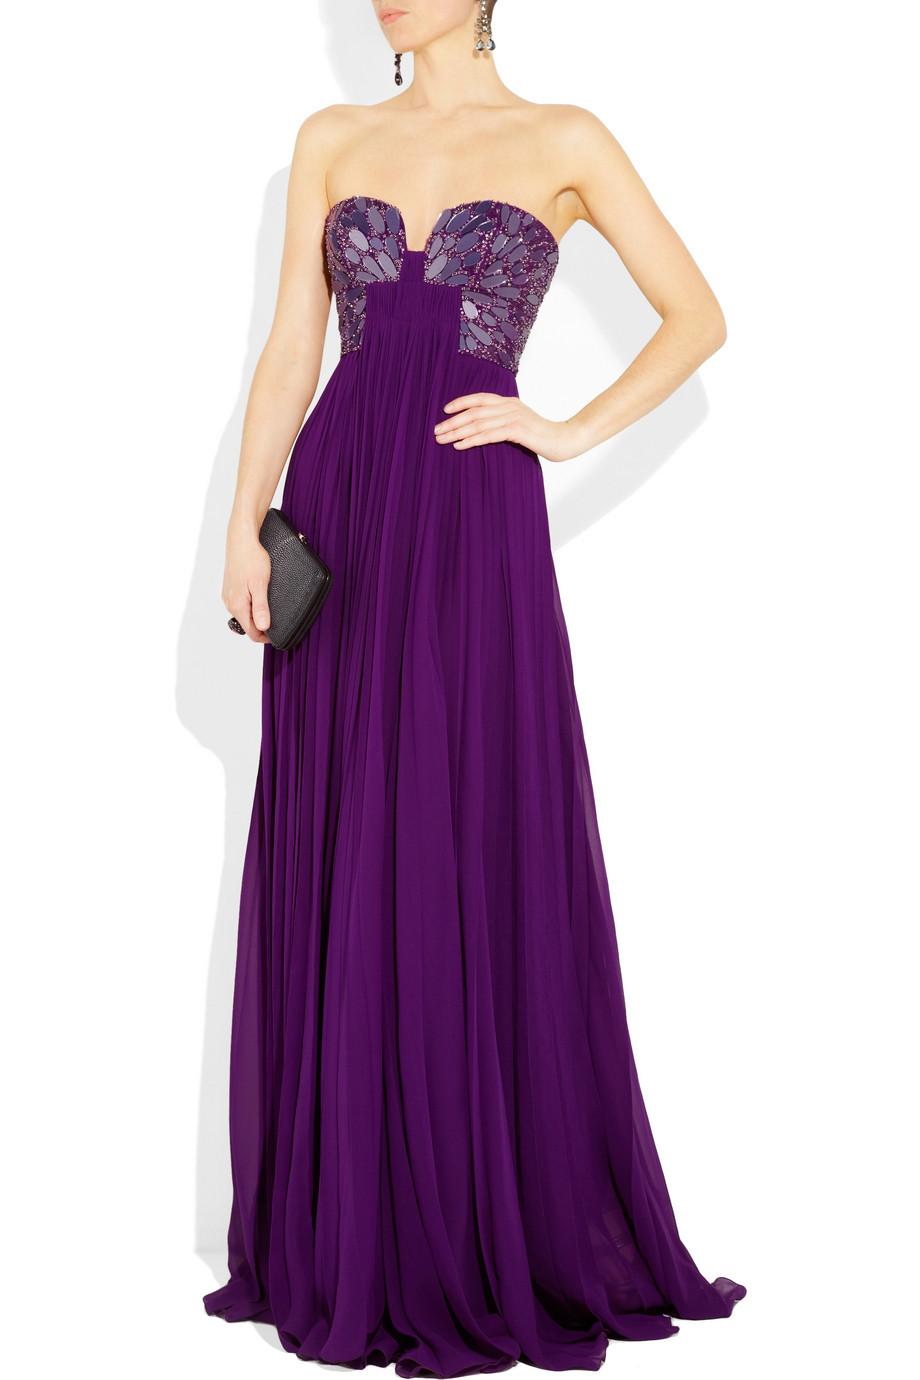 ea4f14954f6a70b Фиолетовое длинное платье на выпускной - Модадром